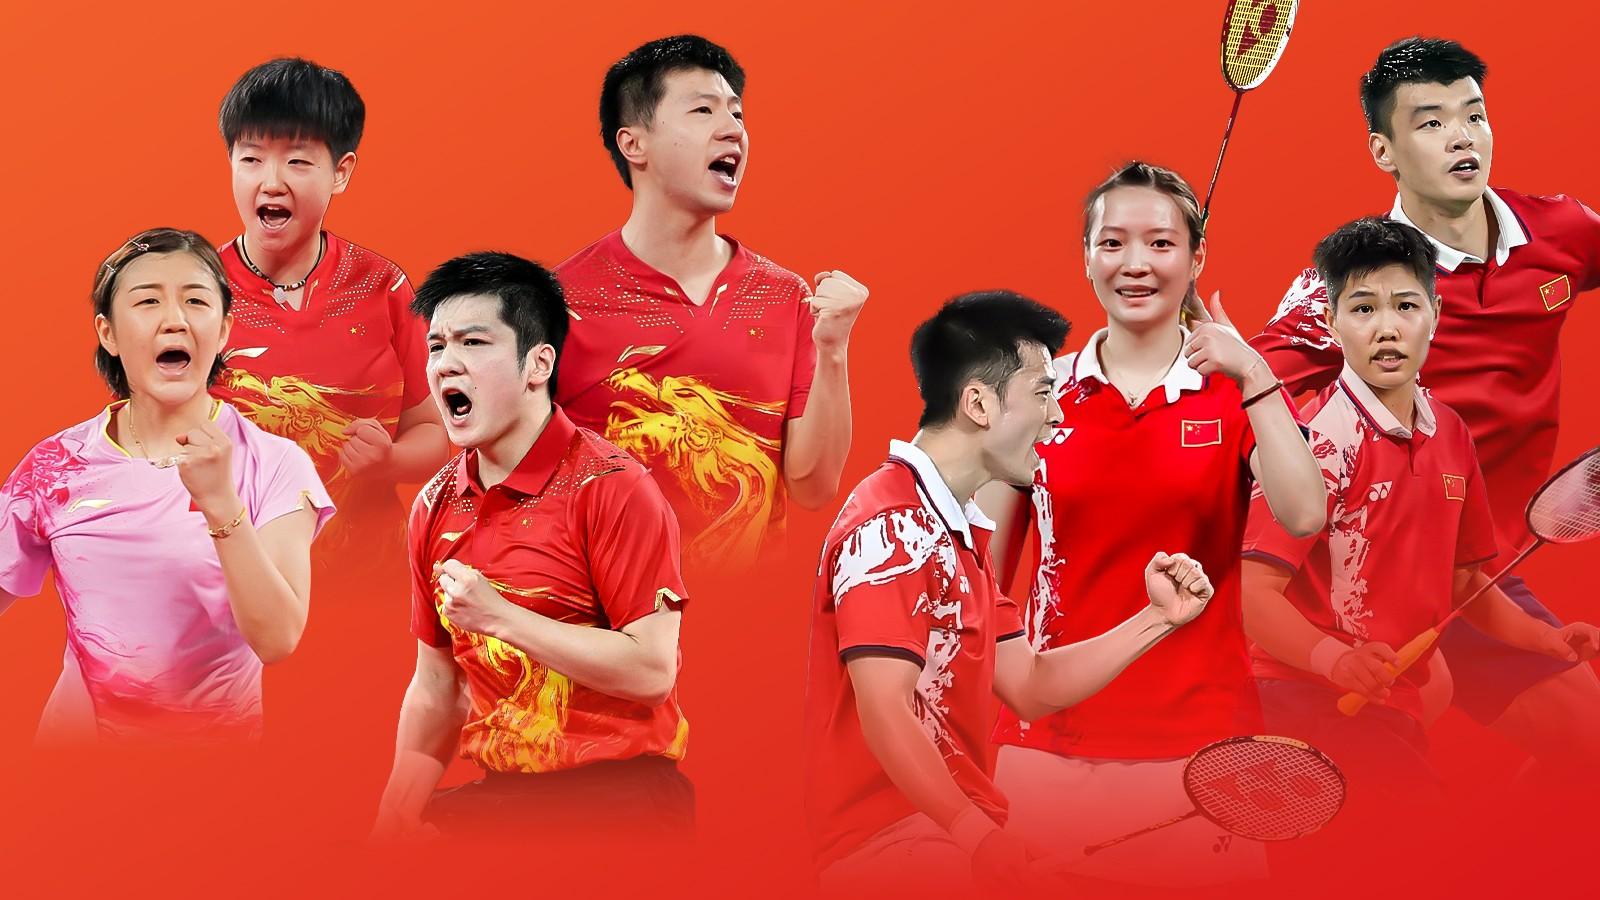 中国队提前包揽三个项目冠亚军